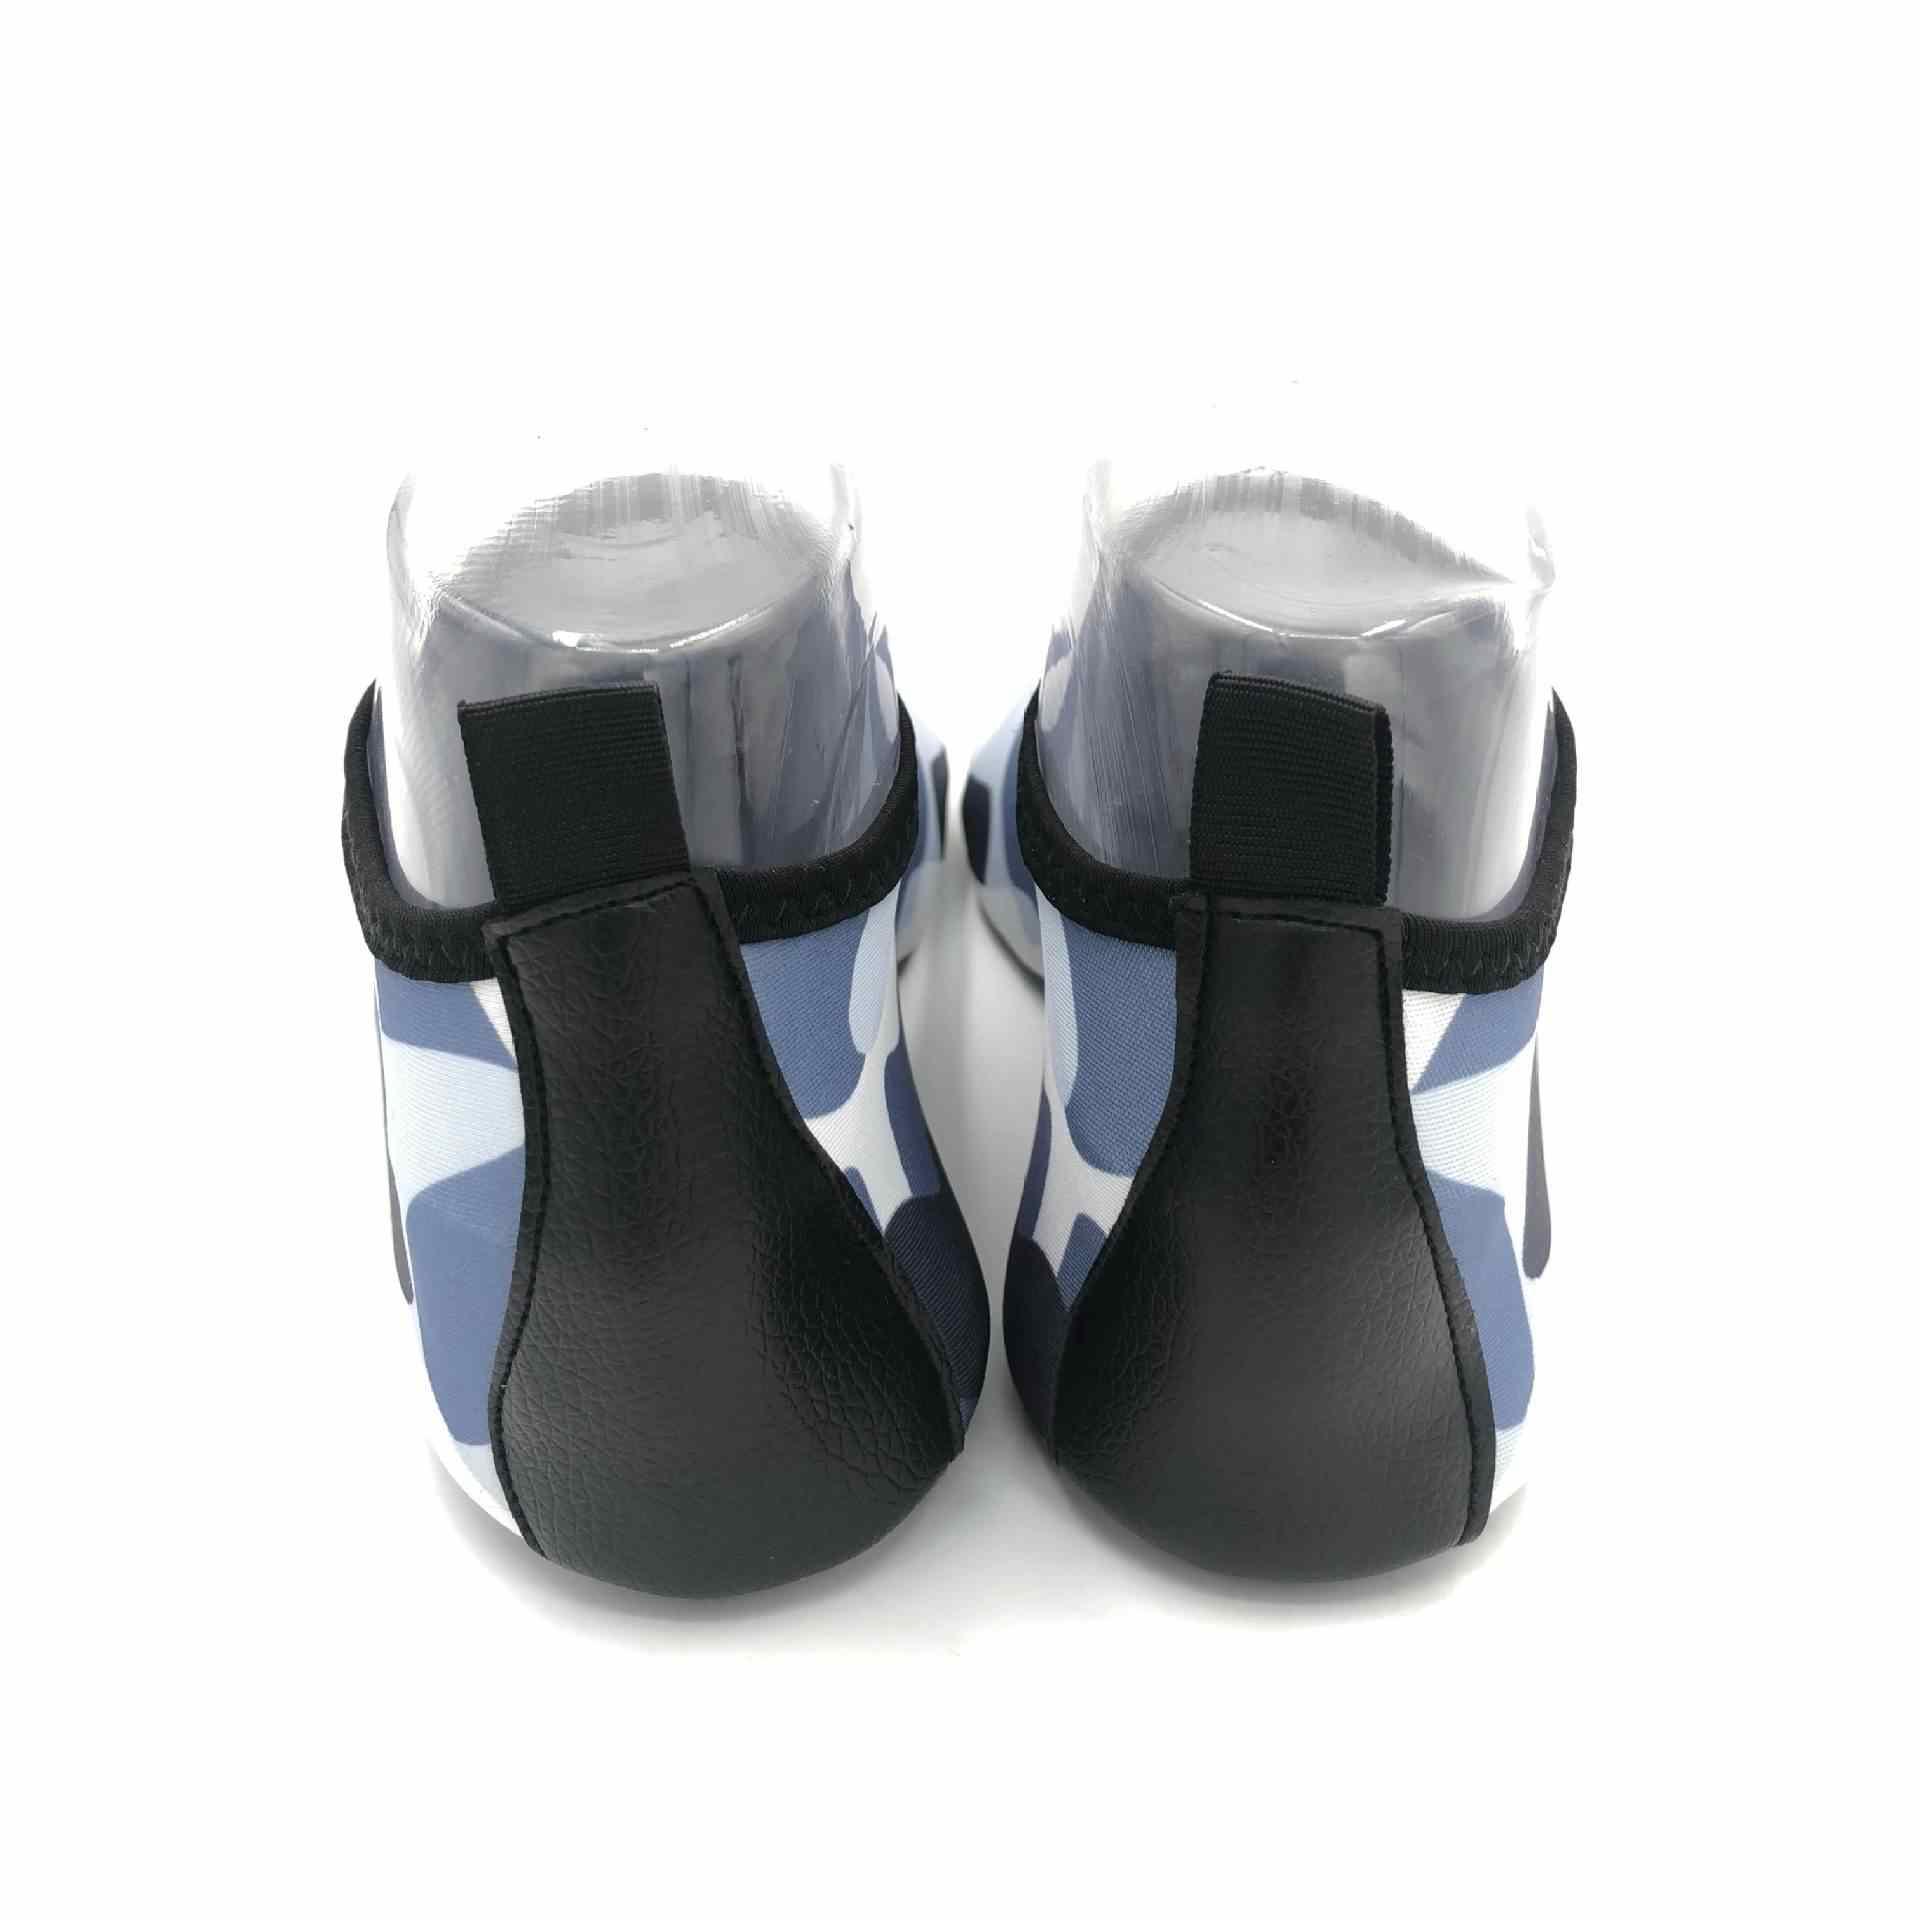 Factory Direct Selling konfigurowalne męskie i damskie plażowe buty do nurkowania buty do nurkowania antypoślizgowe antypoślizgowe boso miękkie podeszwy Wadi